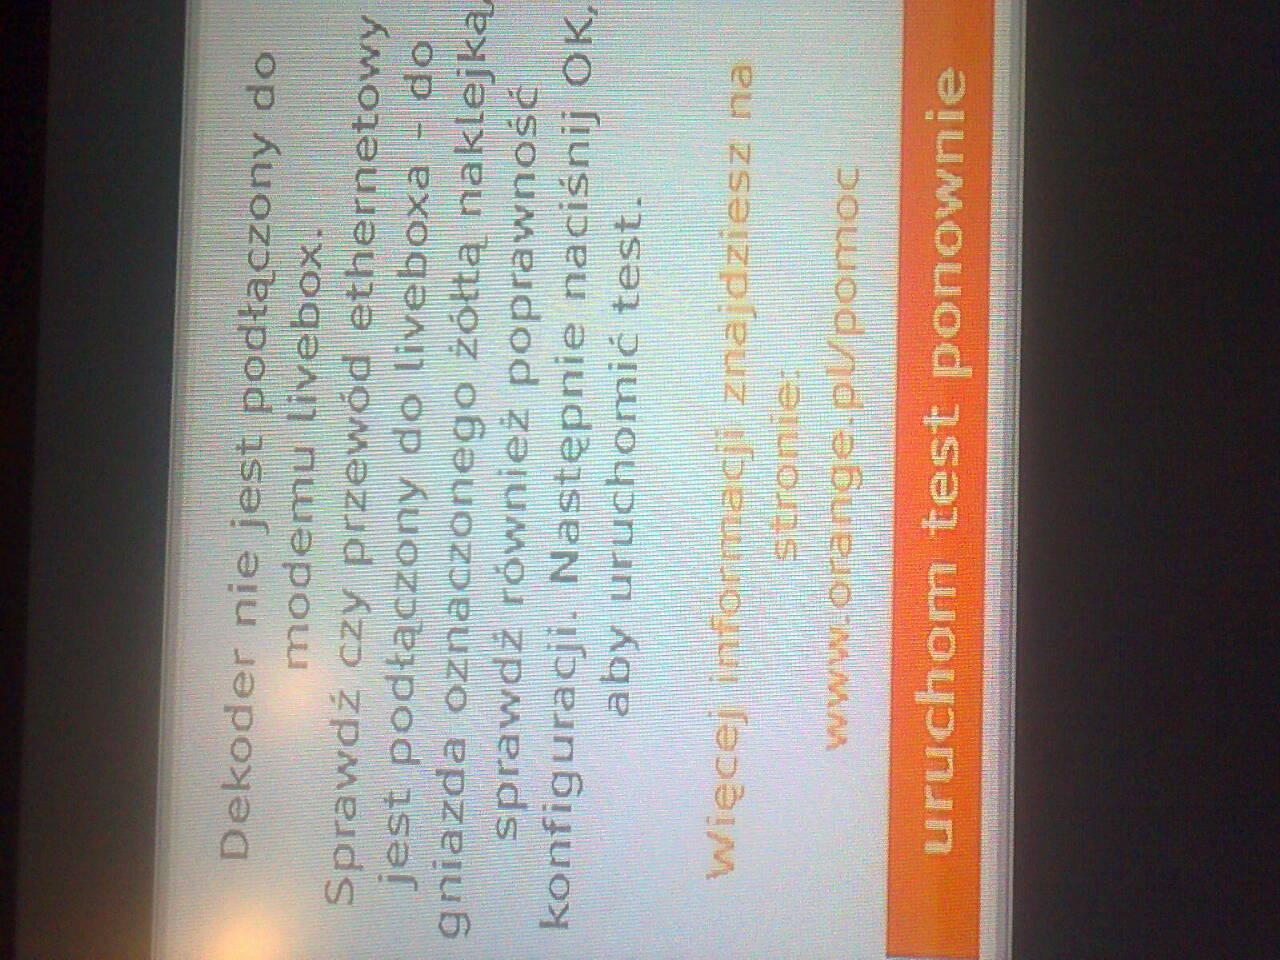 livebox 2.0 orange - B��d po��czenia mi�dzy dekoderem a modemem